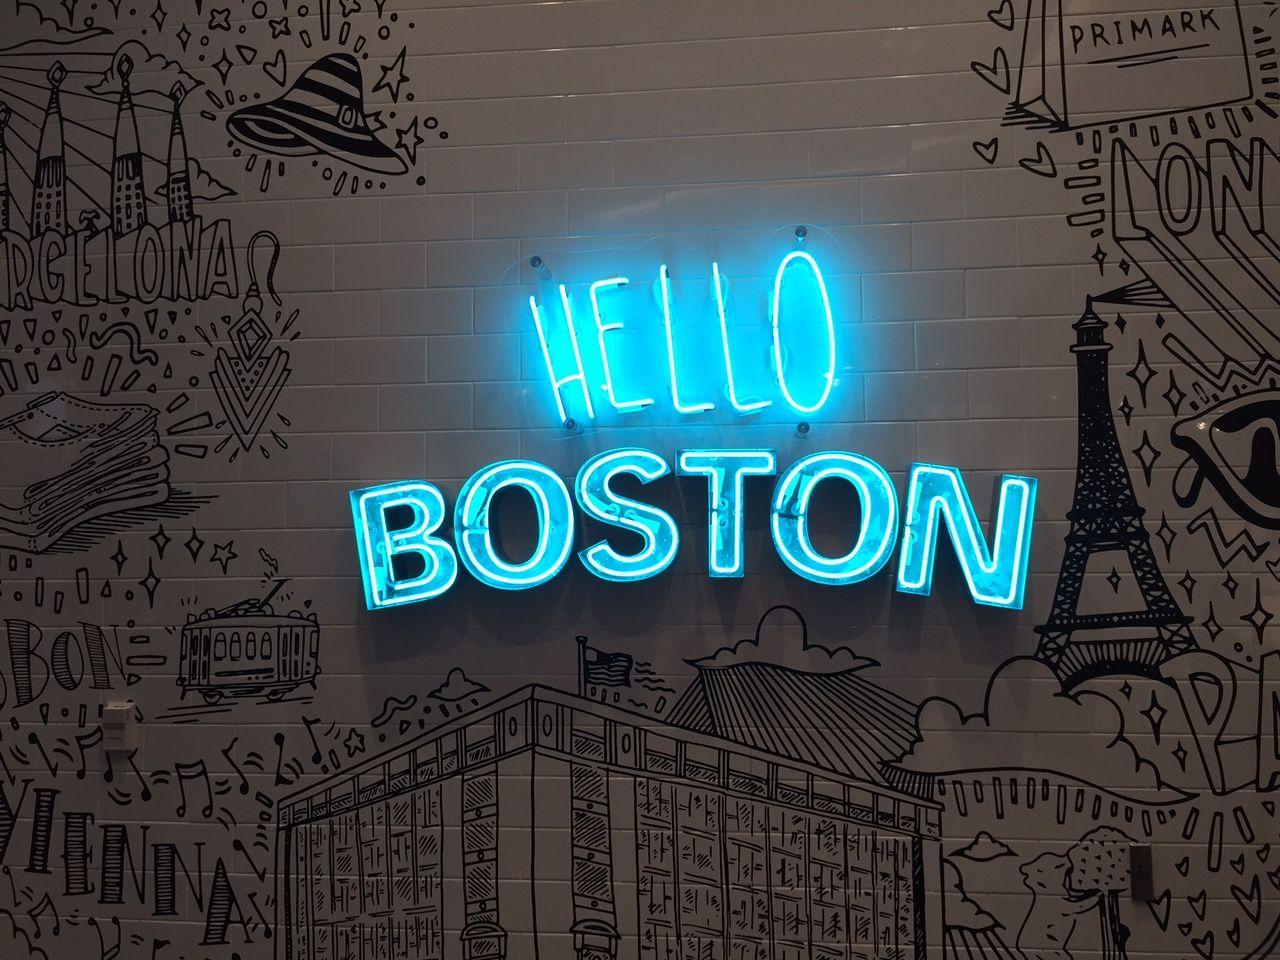 Hello, Primark! Letreiro em neon da primeira Primark dos Estados Unidos. Fotos no dia da inauguração no blog :)